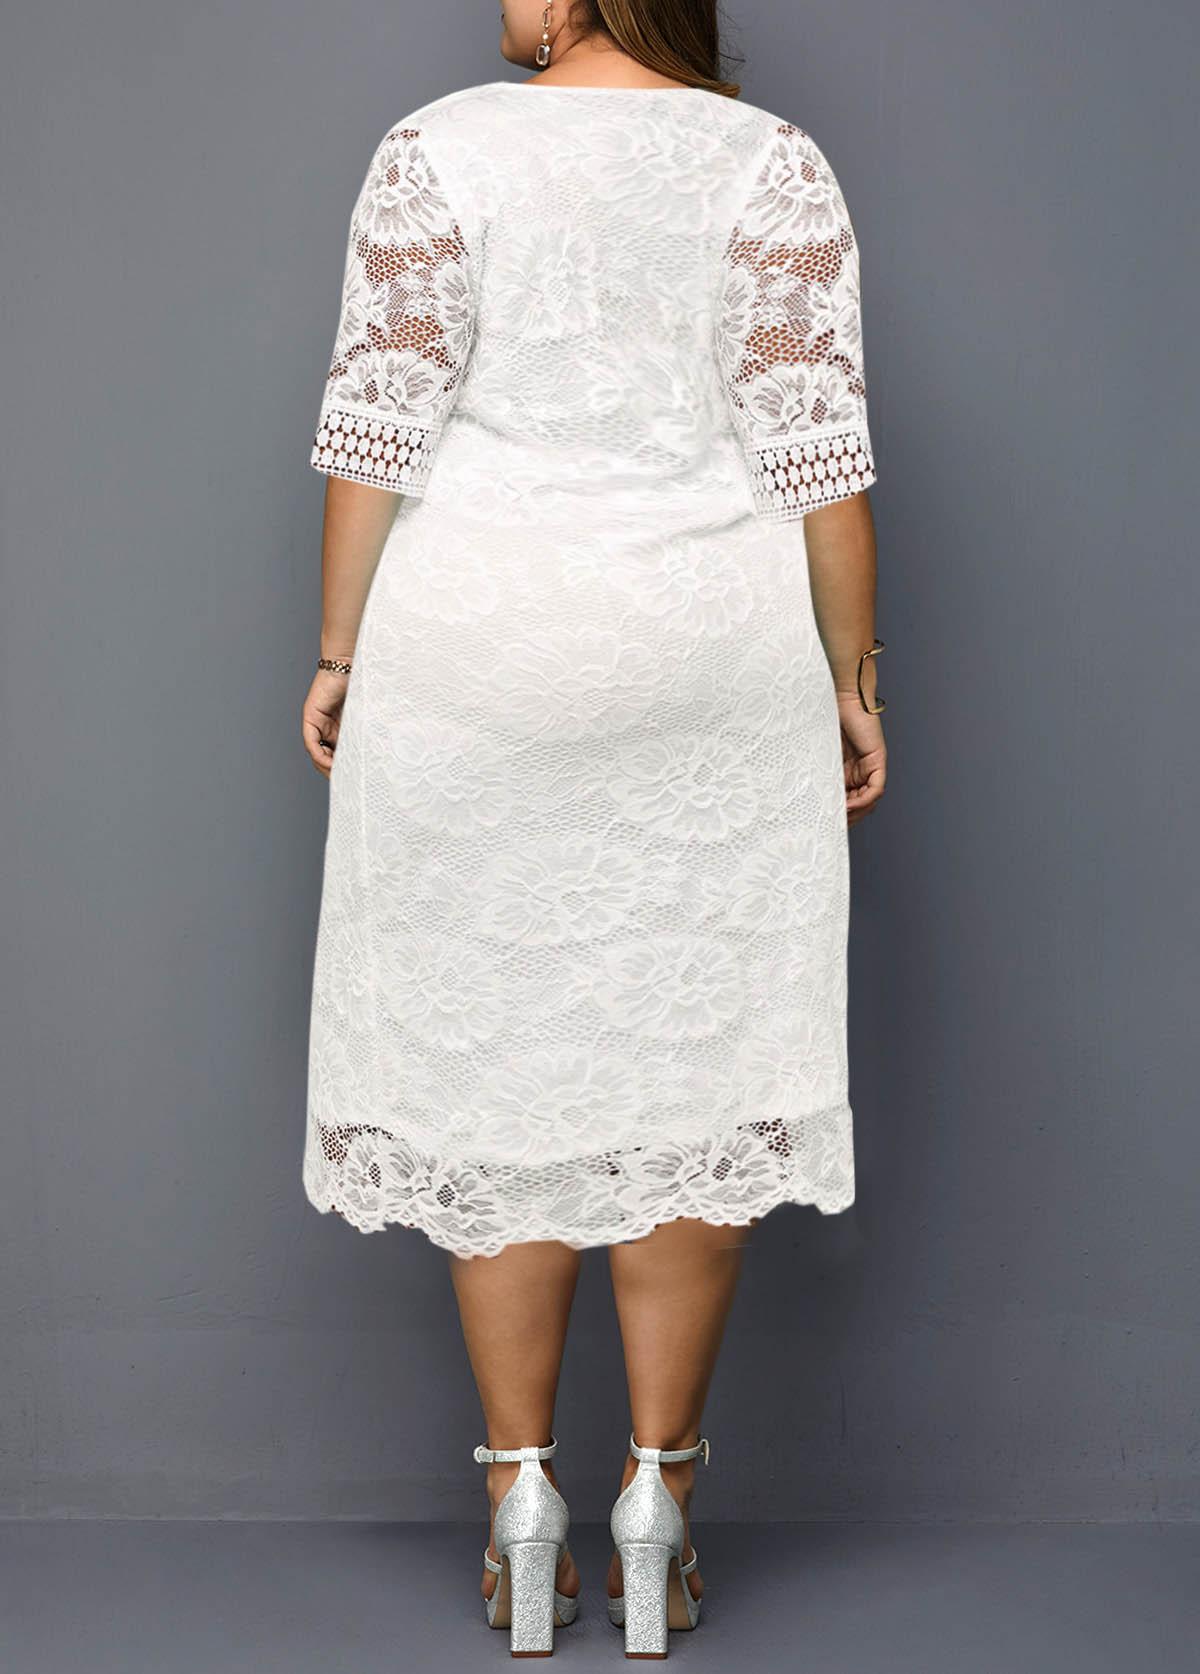 3/4 Sleeve Plus Size Lace Stitching Dress